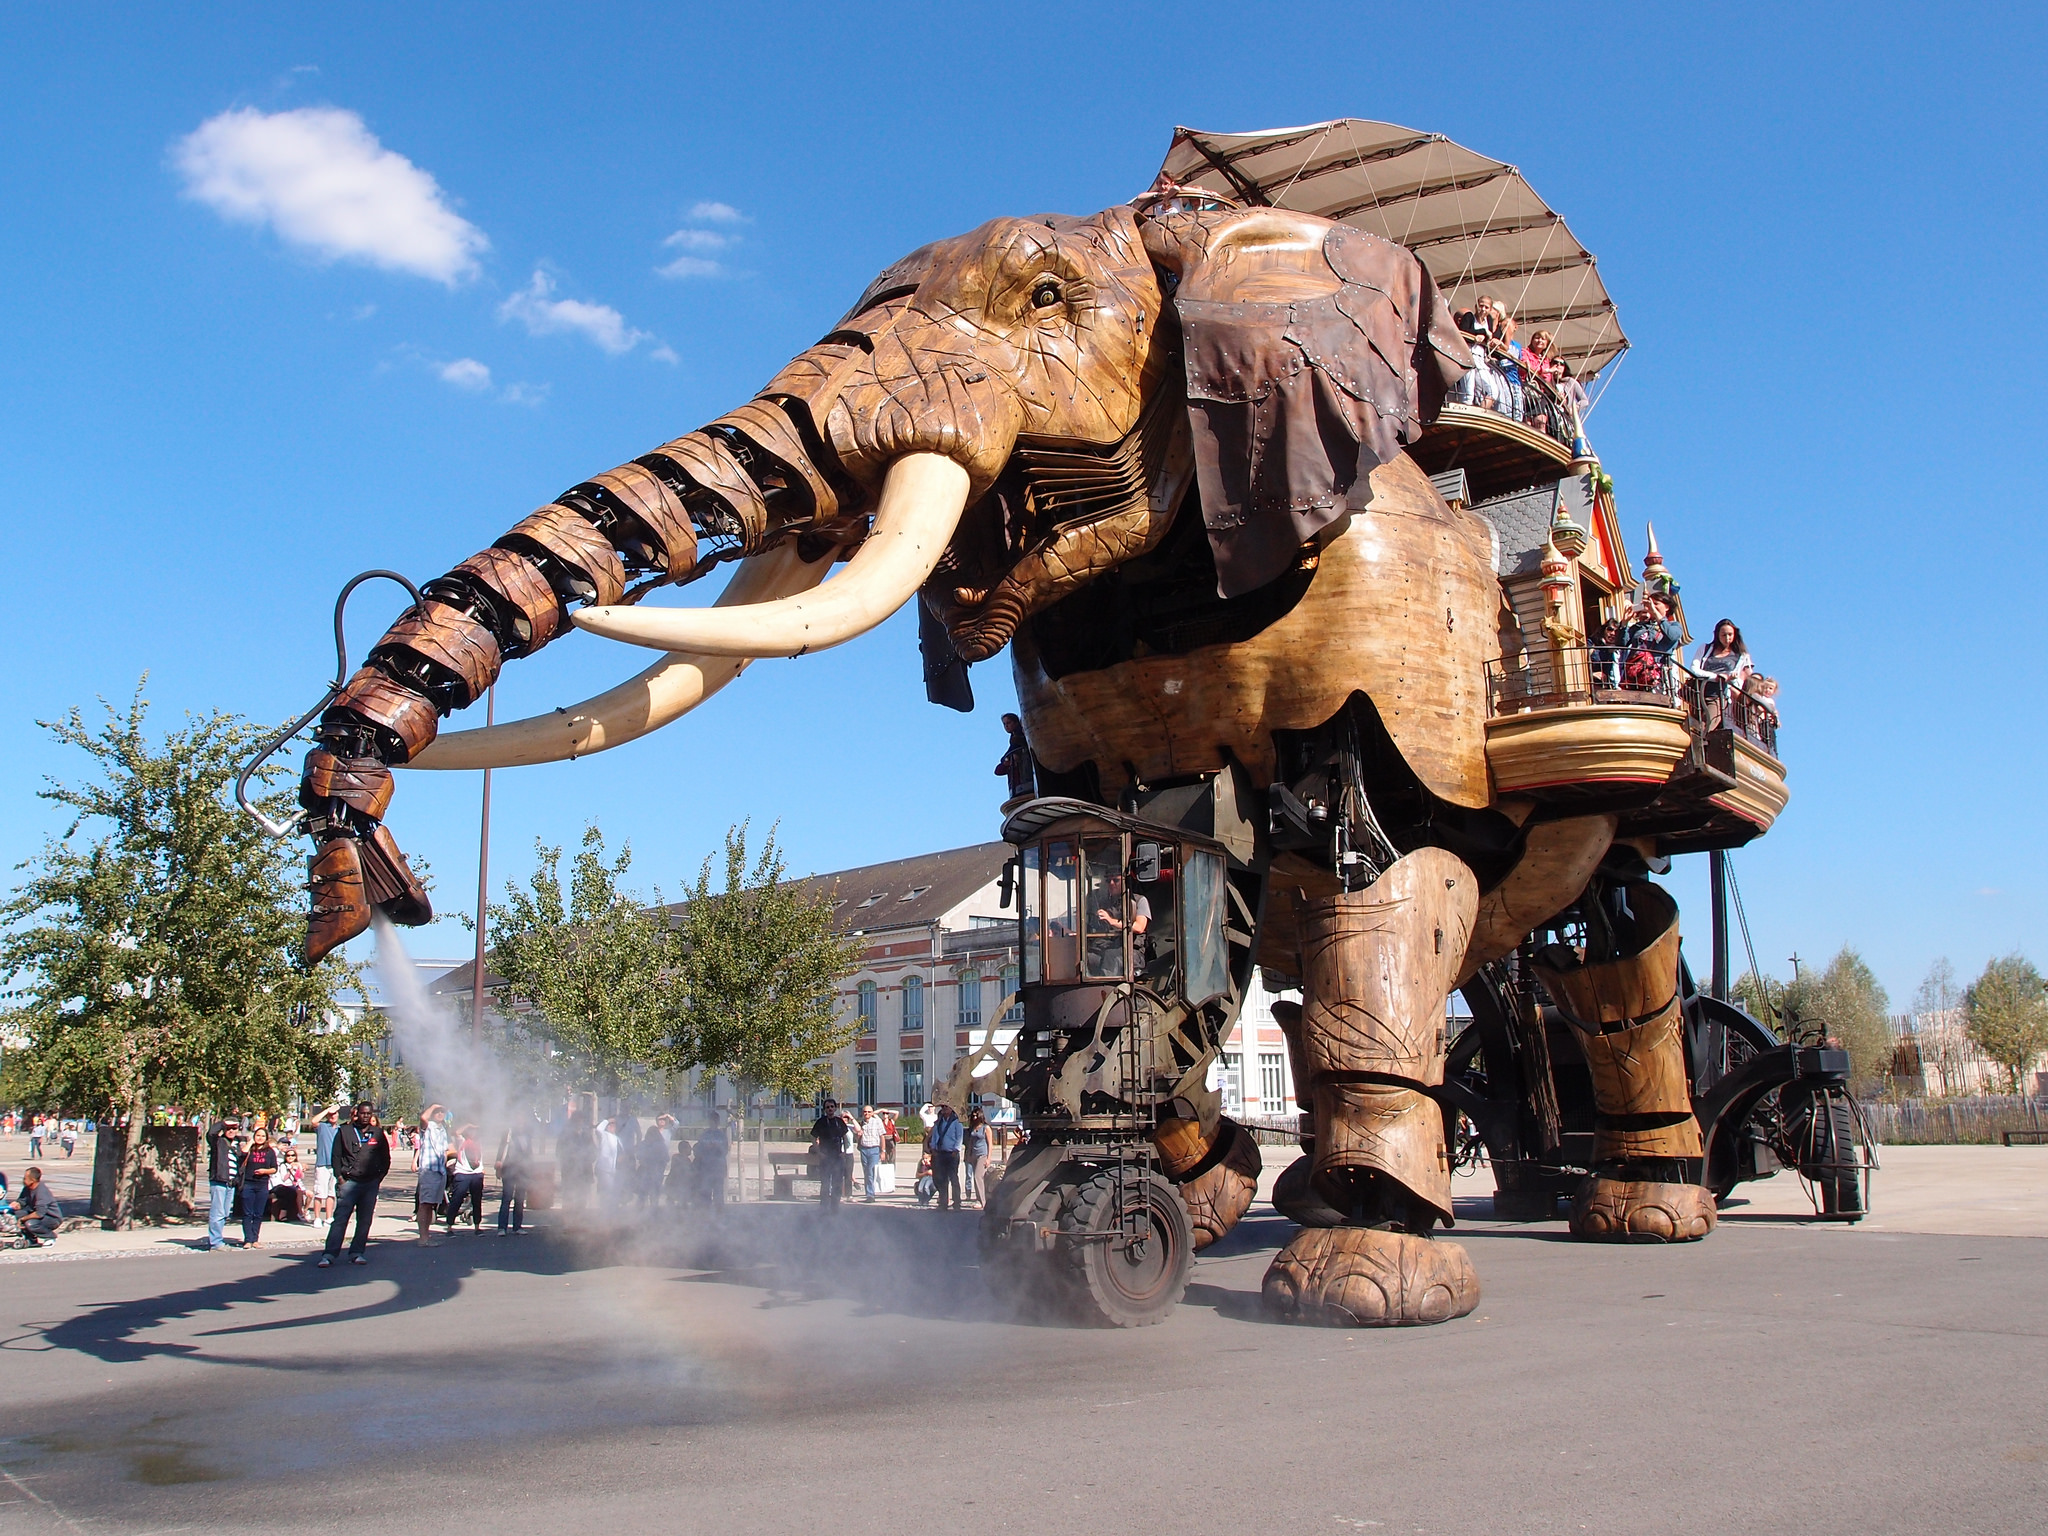 Les Machines de l'île, France - Theme Park Design